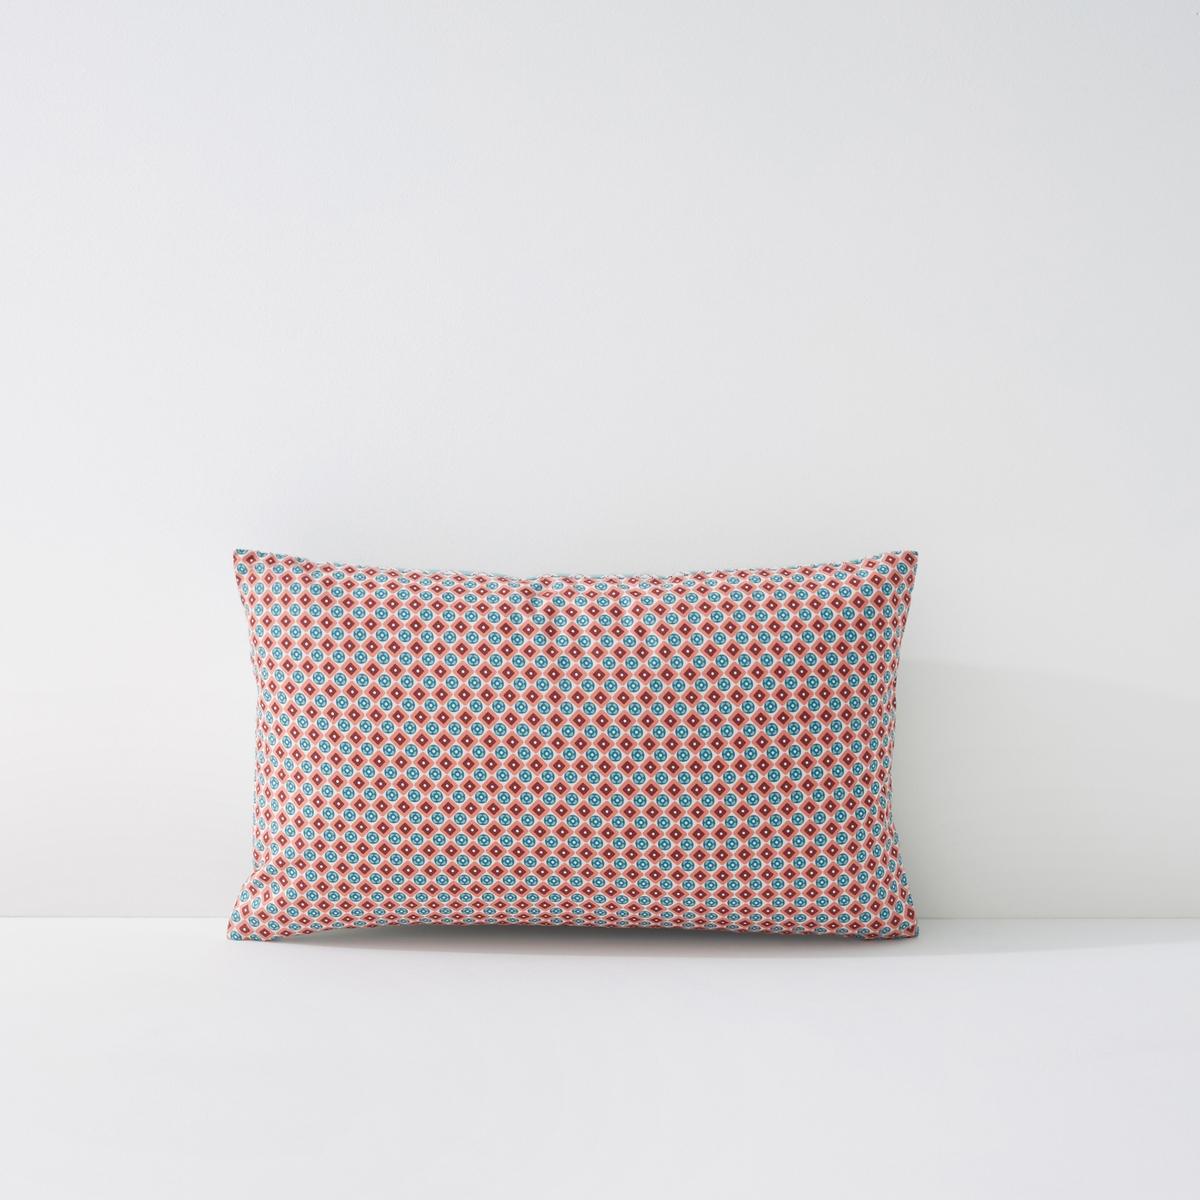 Наволочка или наволочка на подушку-валик MASHITA наволочка на подушку валик fougeras